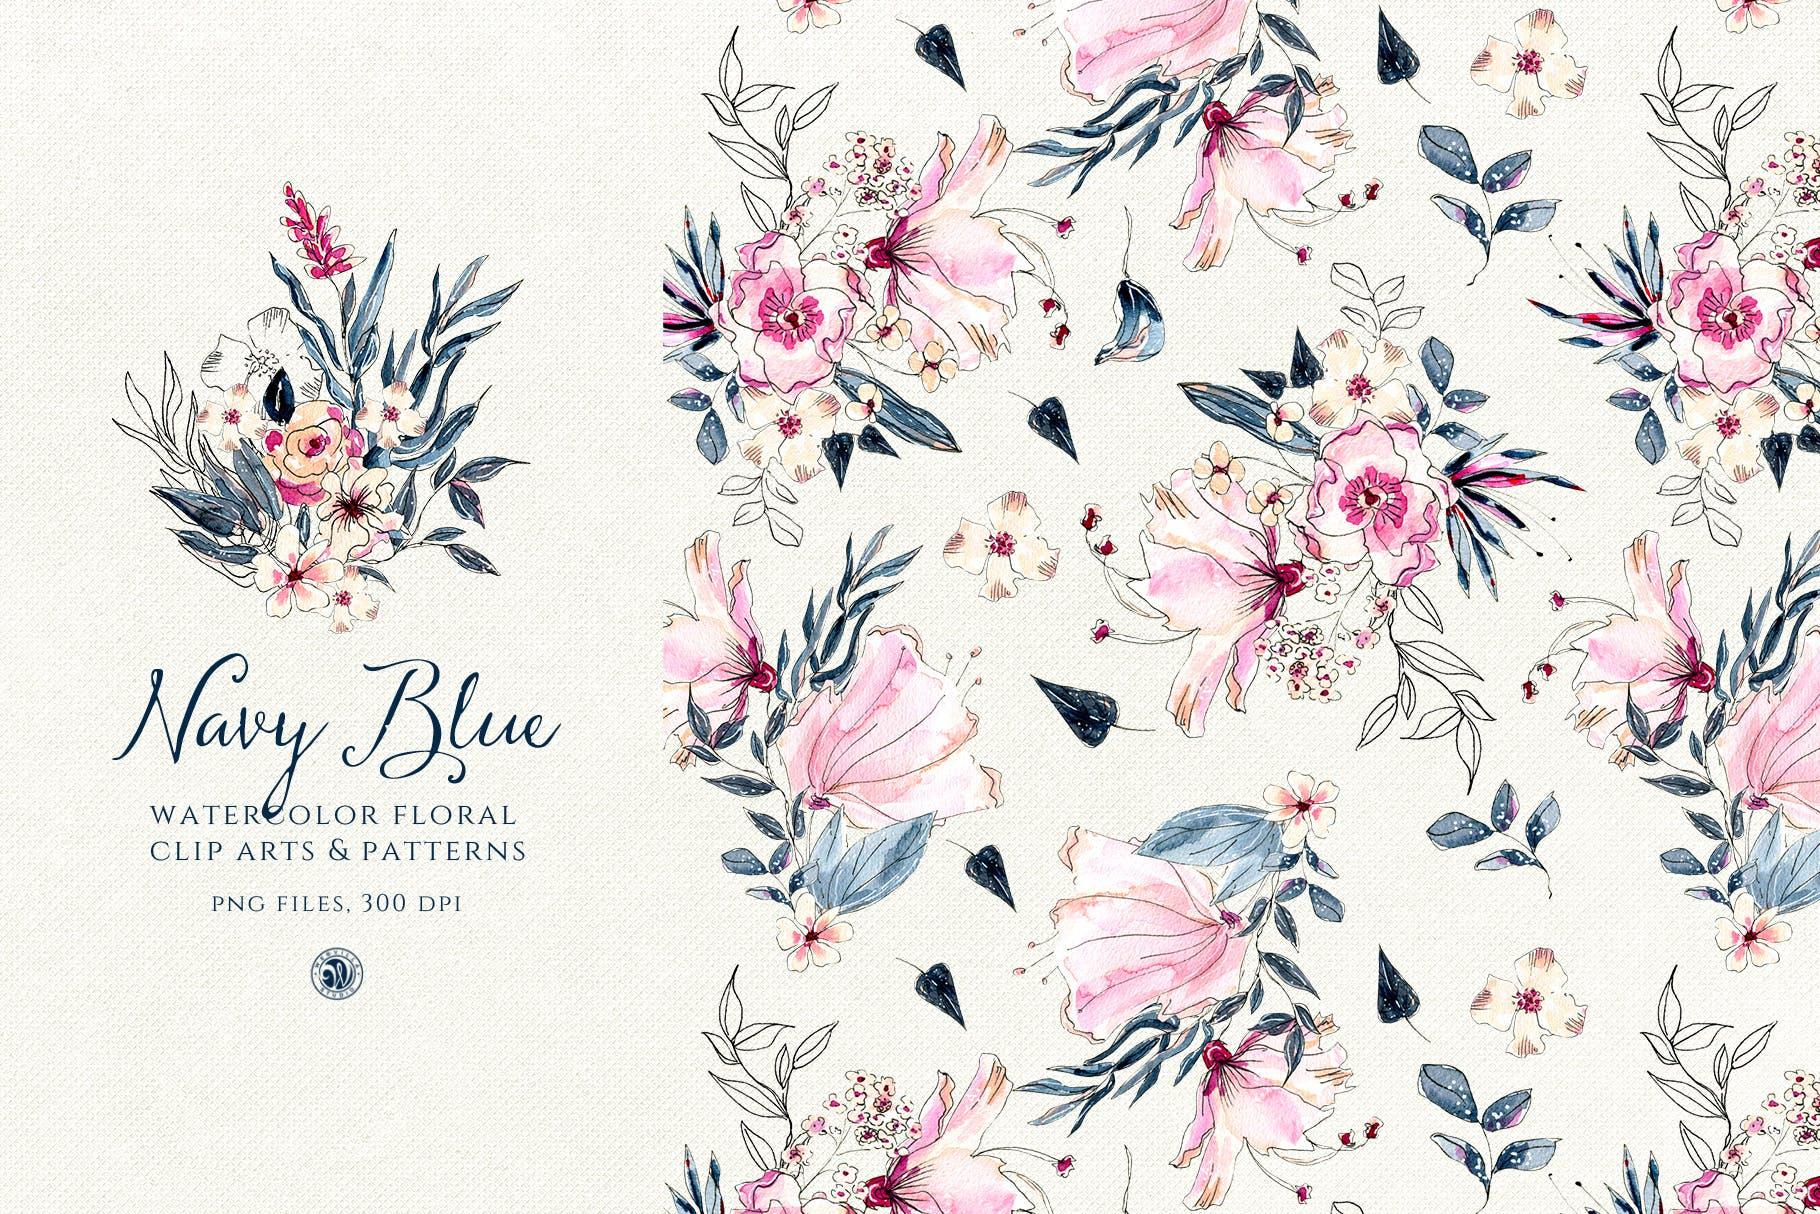 海军蓝花朵手绘水彩花朵和图案装饰元素下载Navy Blue Flowers插图(1)